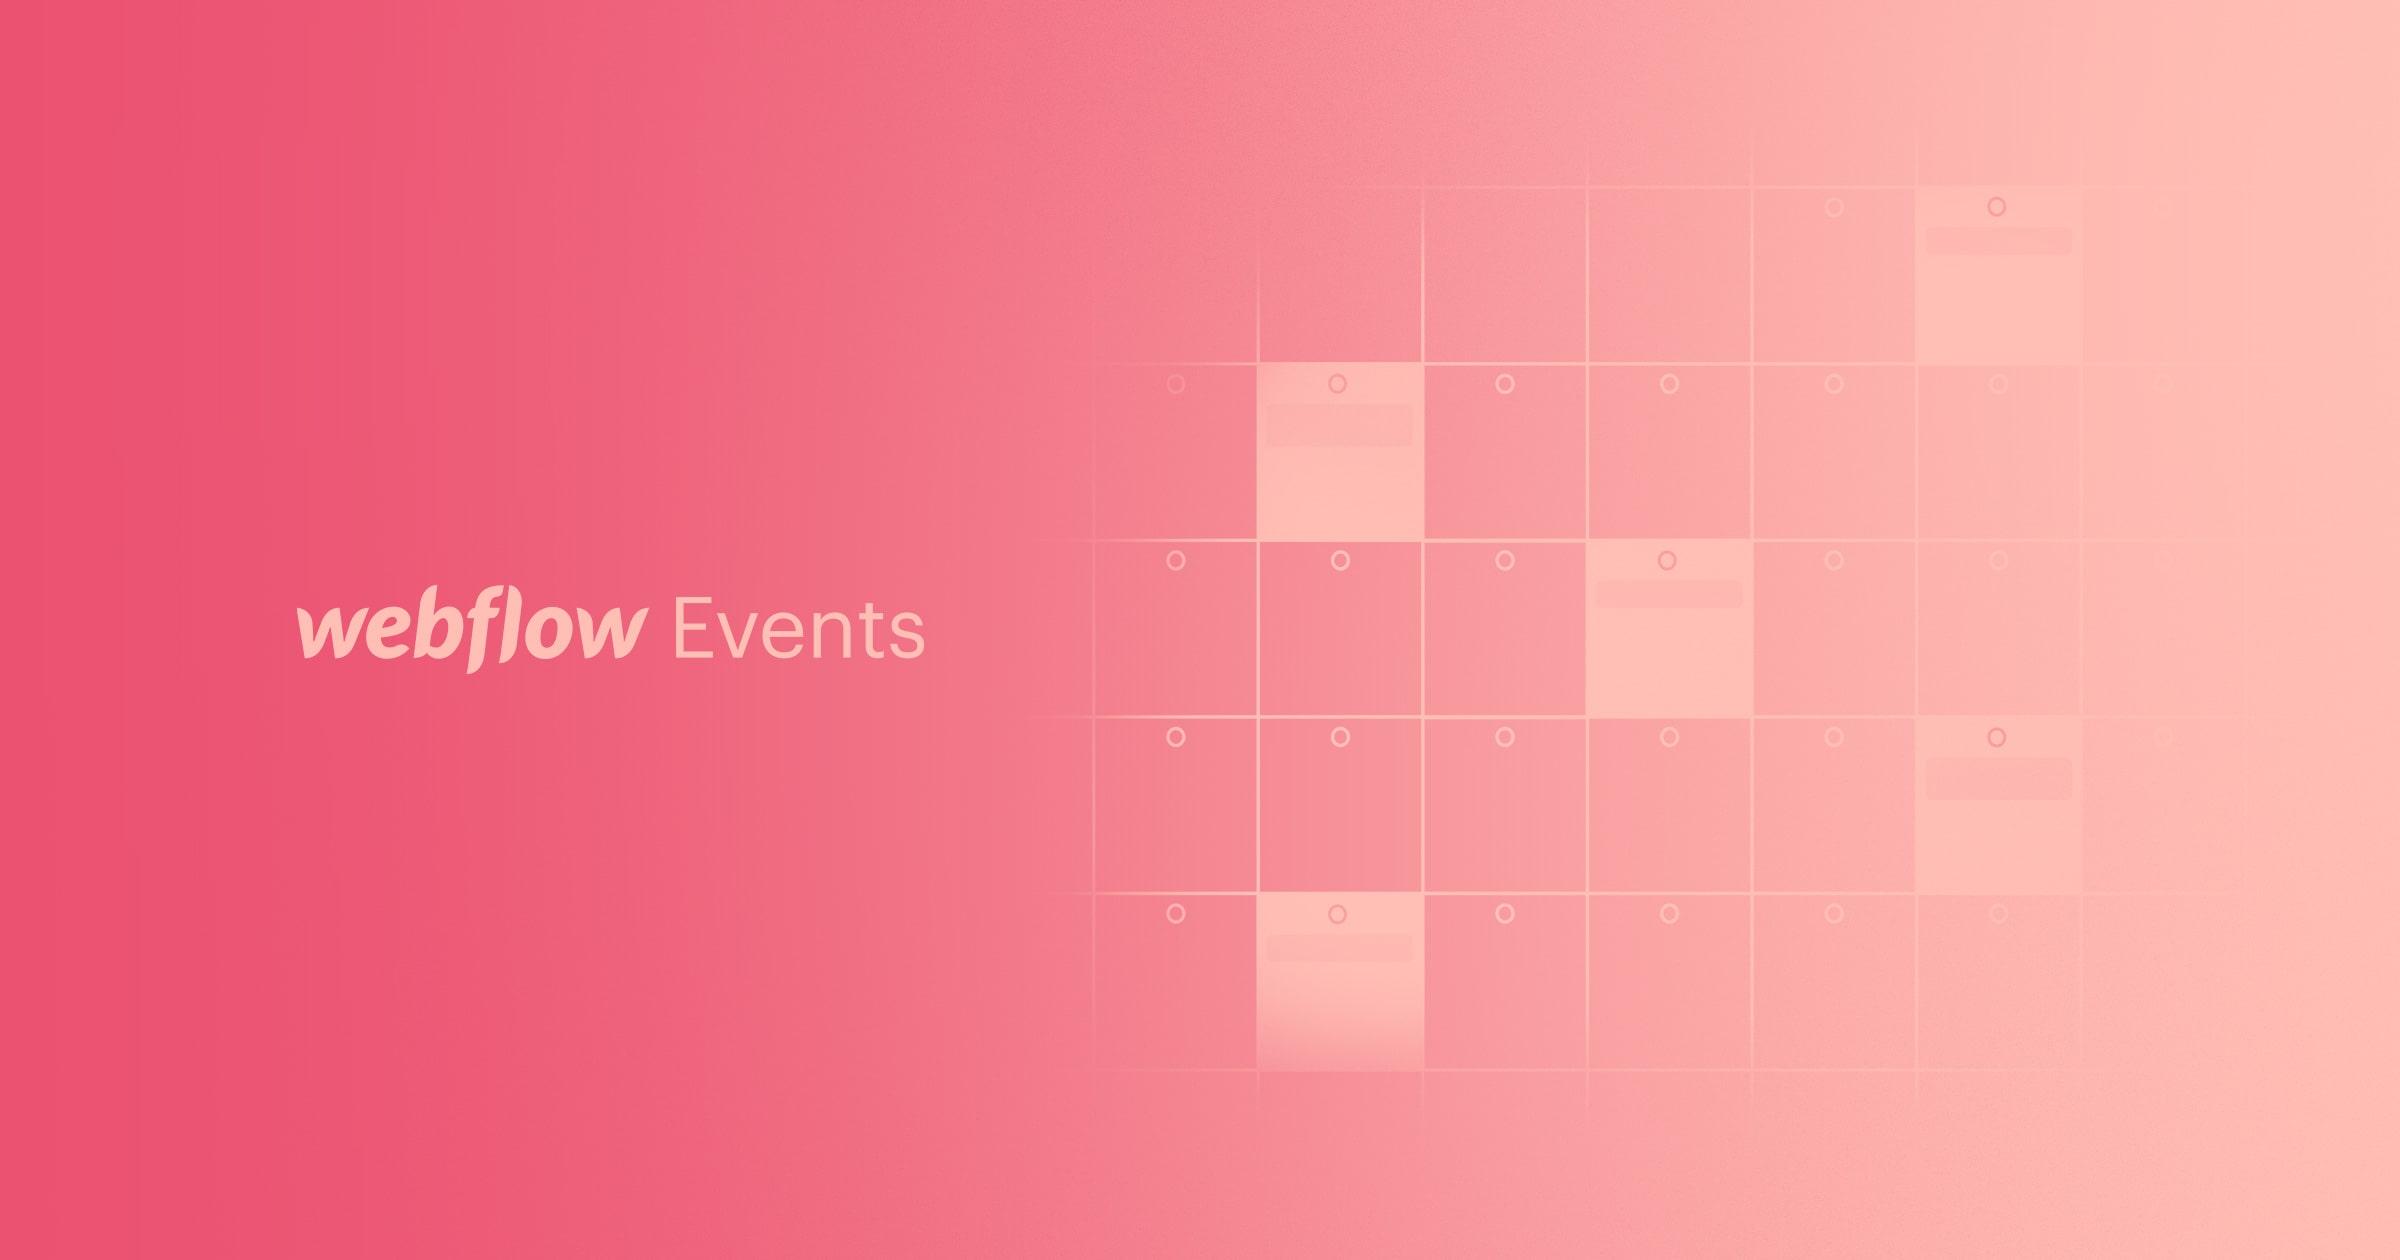 Webflow events: April 2021